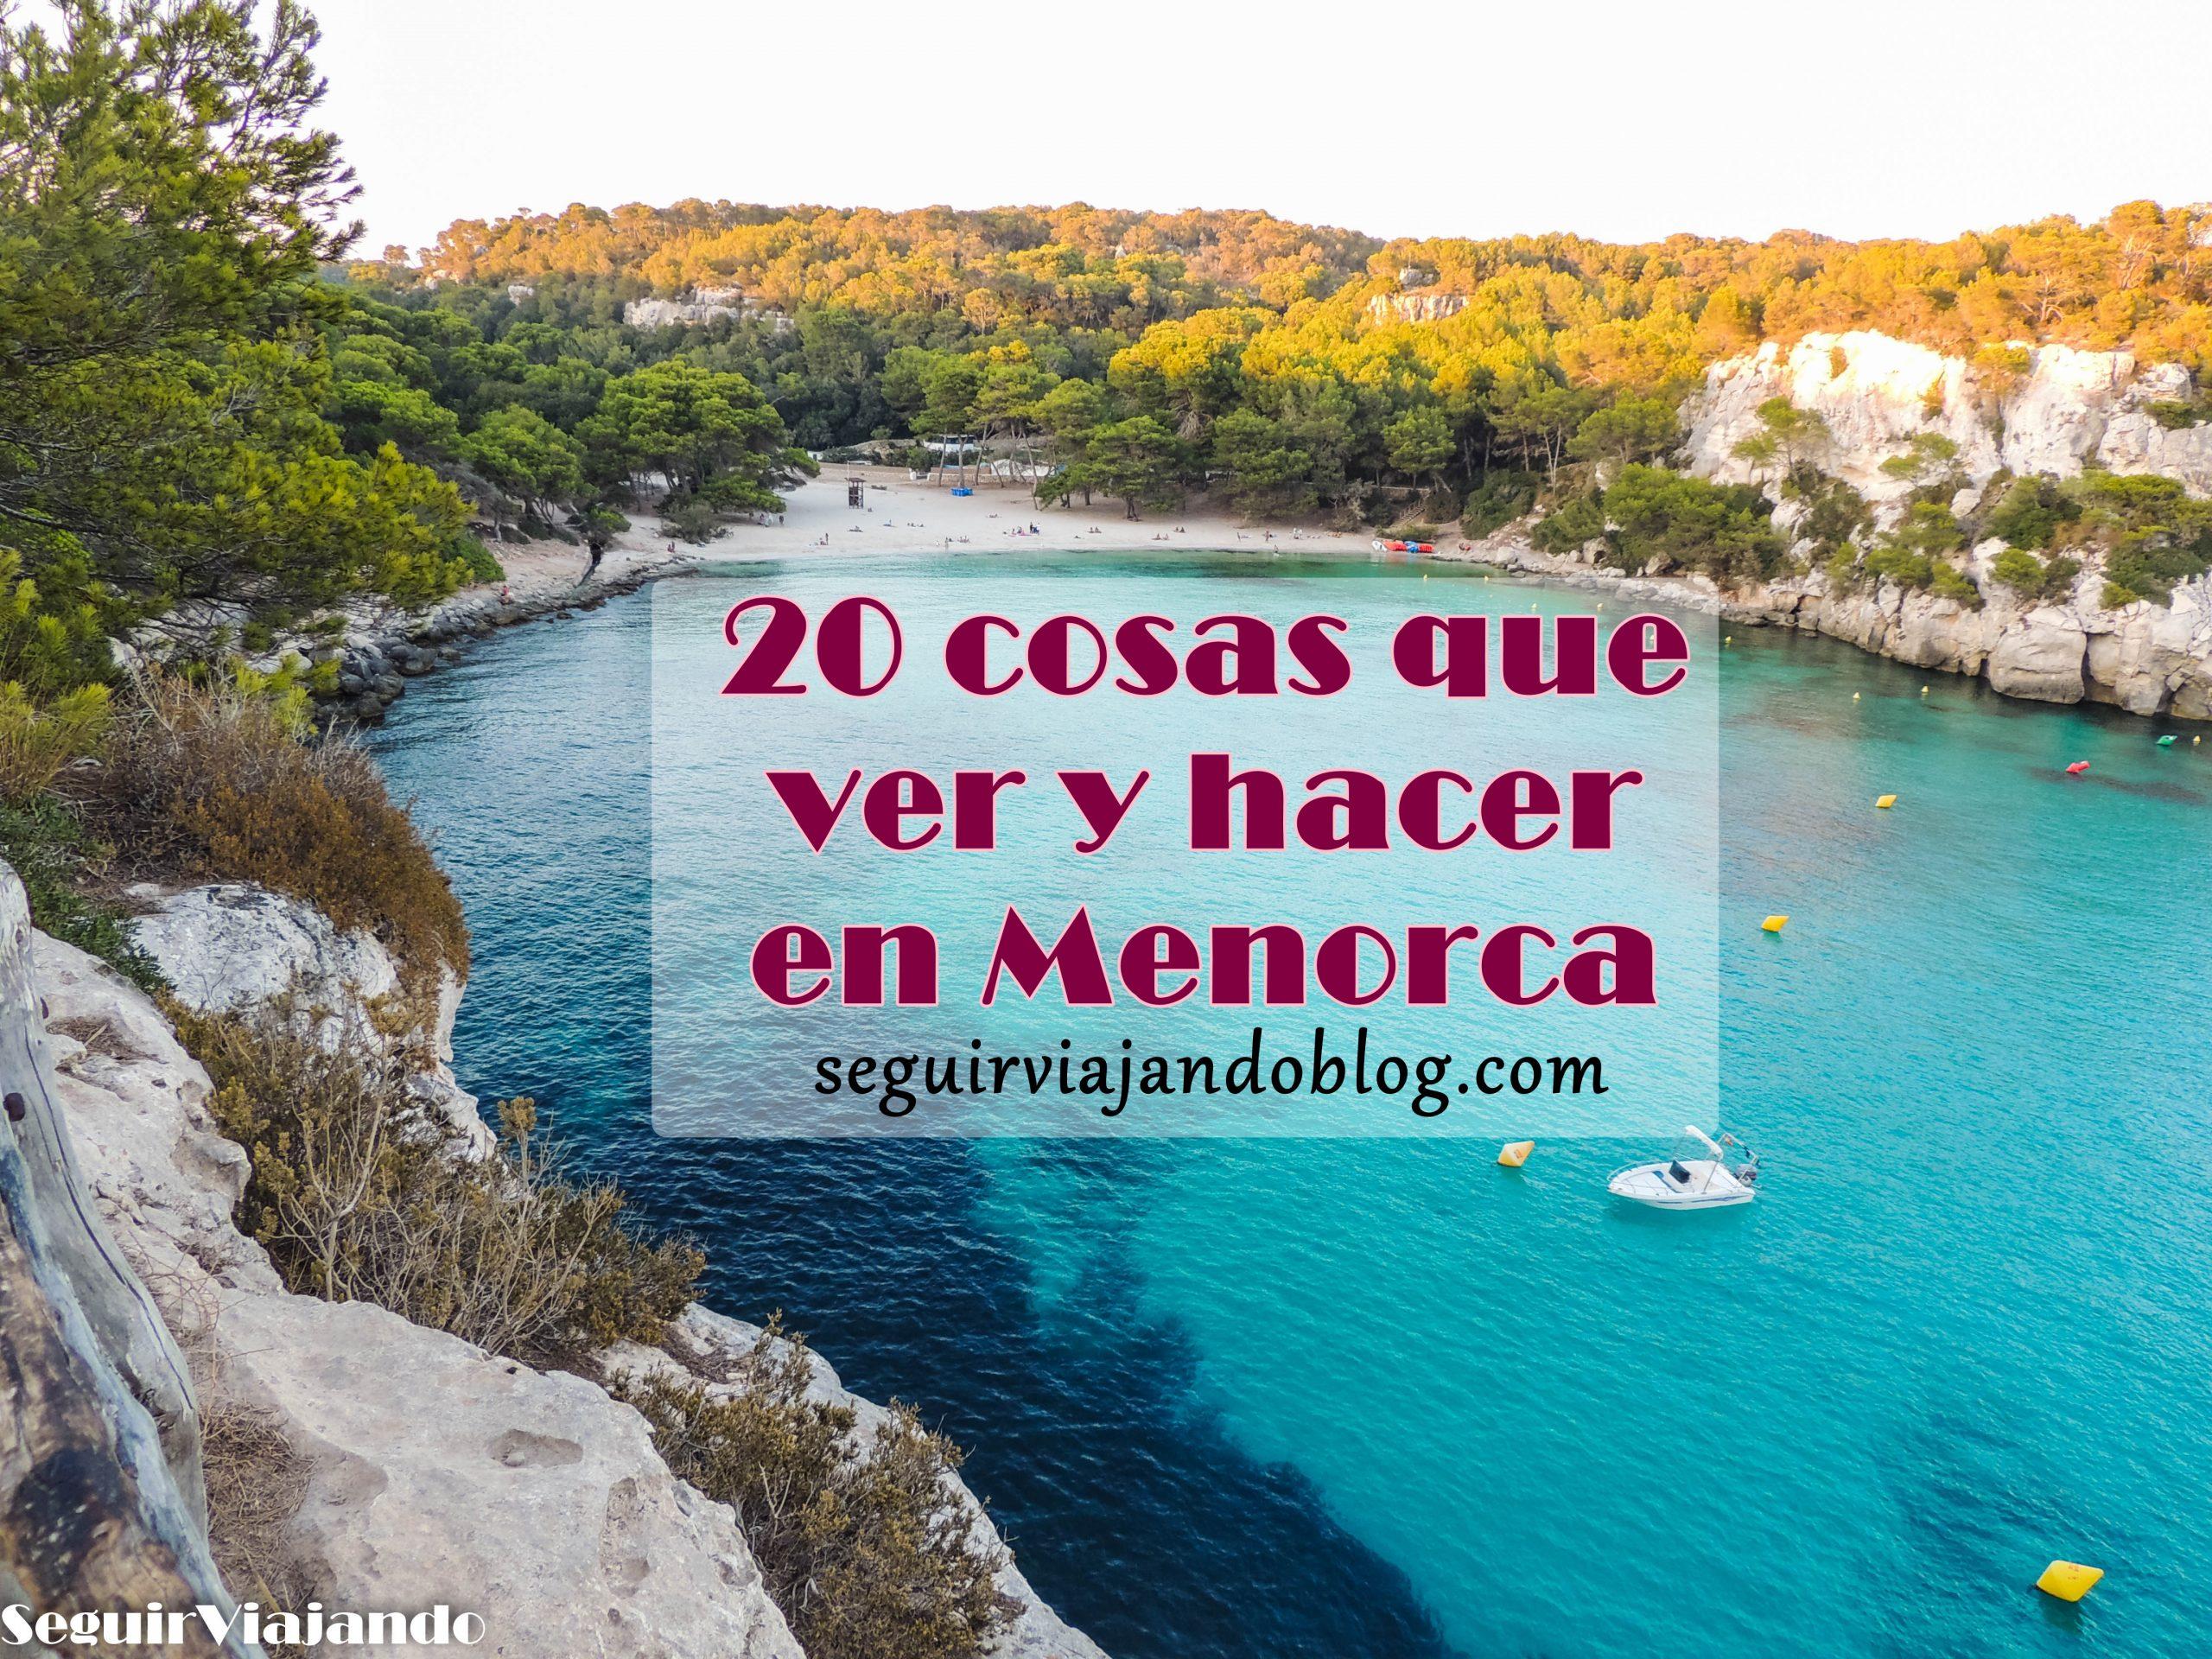 20 cosas que ver y que hacer en Menorca - Seguir Viajando